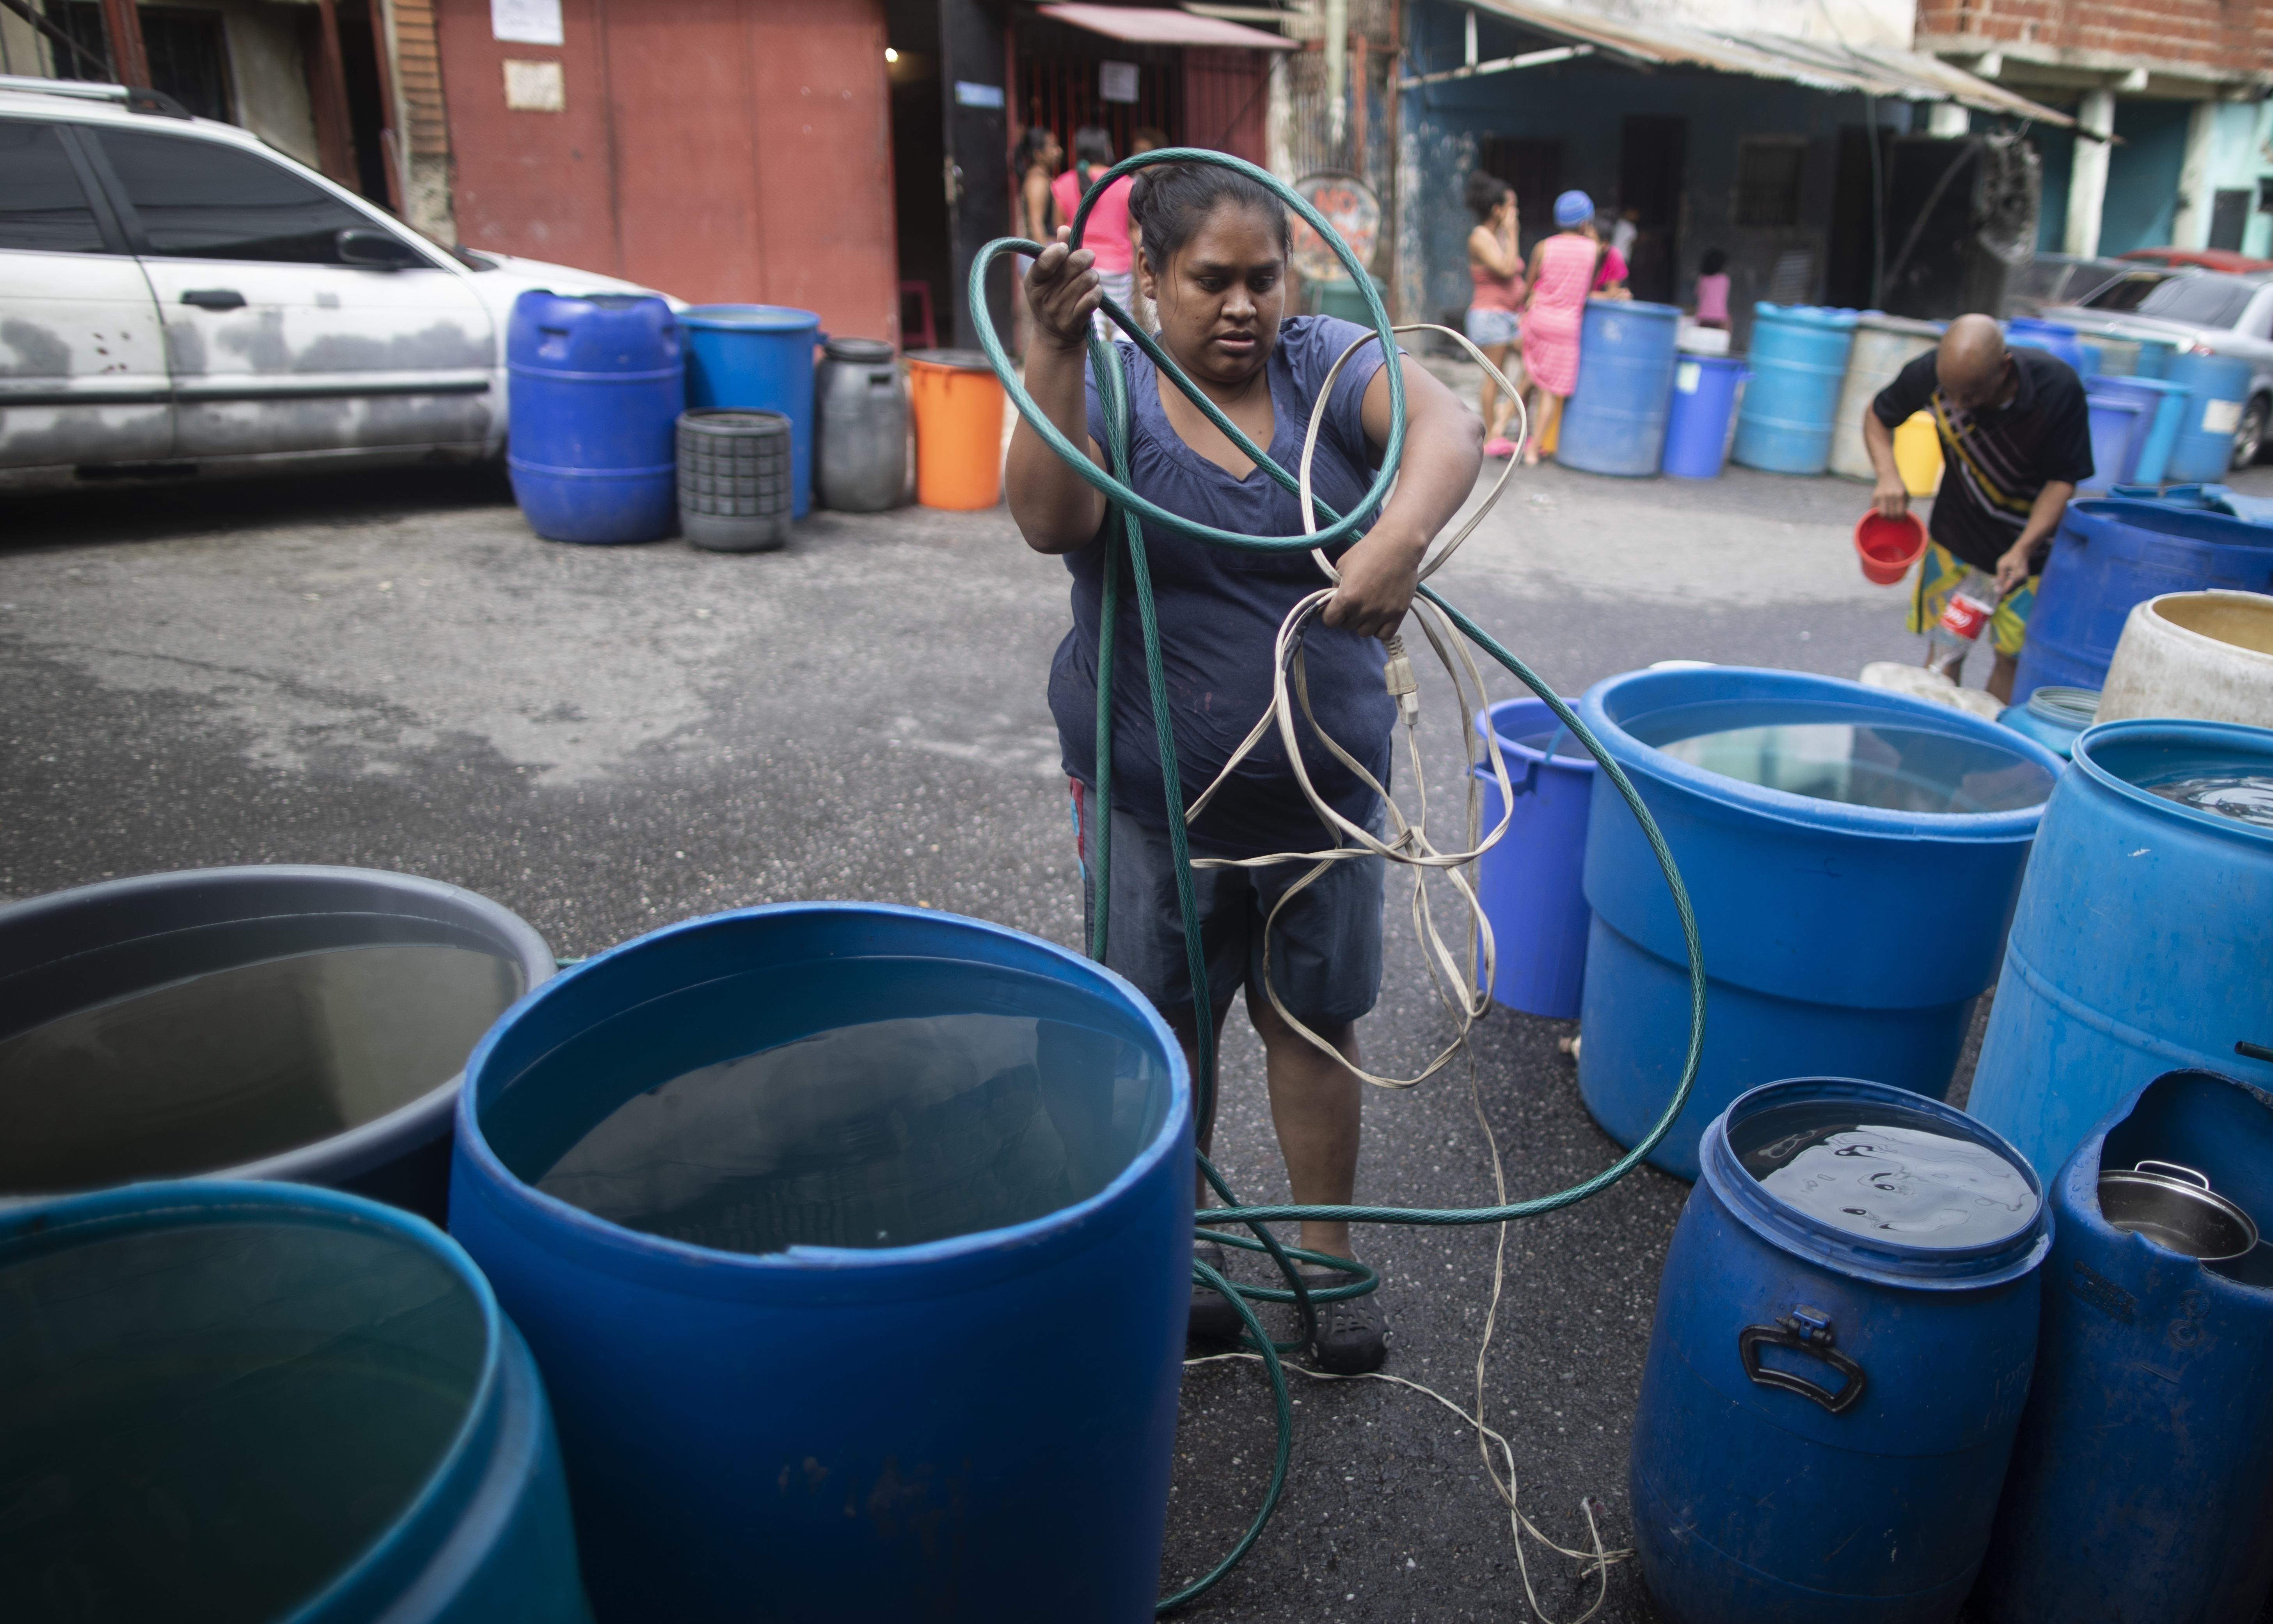 Una mujer desenreda un cable eléctrico y una manguera para bombear agua desde un gran recipiente proporcionado por un camión cisterna del gobierno, en el vecindario humilde de Petare, en Caracas, Venezuela, el 10 de junio de 2020. La crisis de agua no es nada nuevo en Venezuela, pero el agua es todavía más importante hoy en día para protegerse de la pandemia del coronavirus. (AP Foto/Ariana Cubillos)